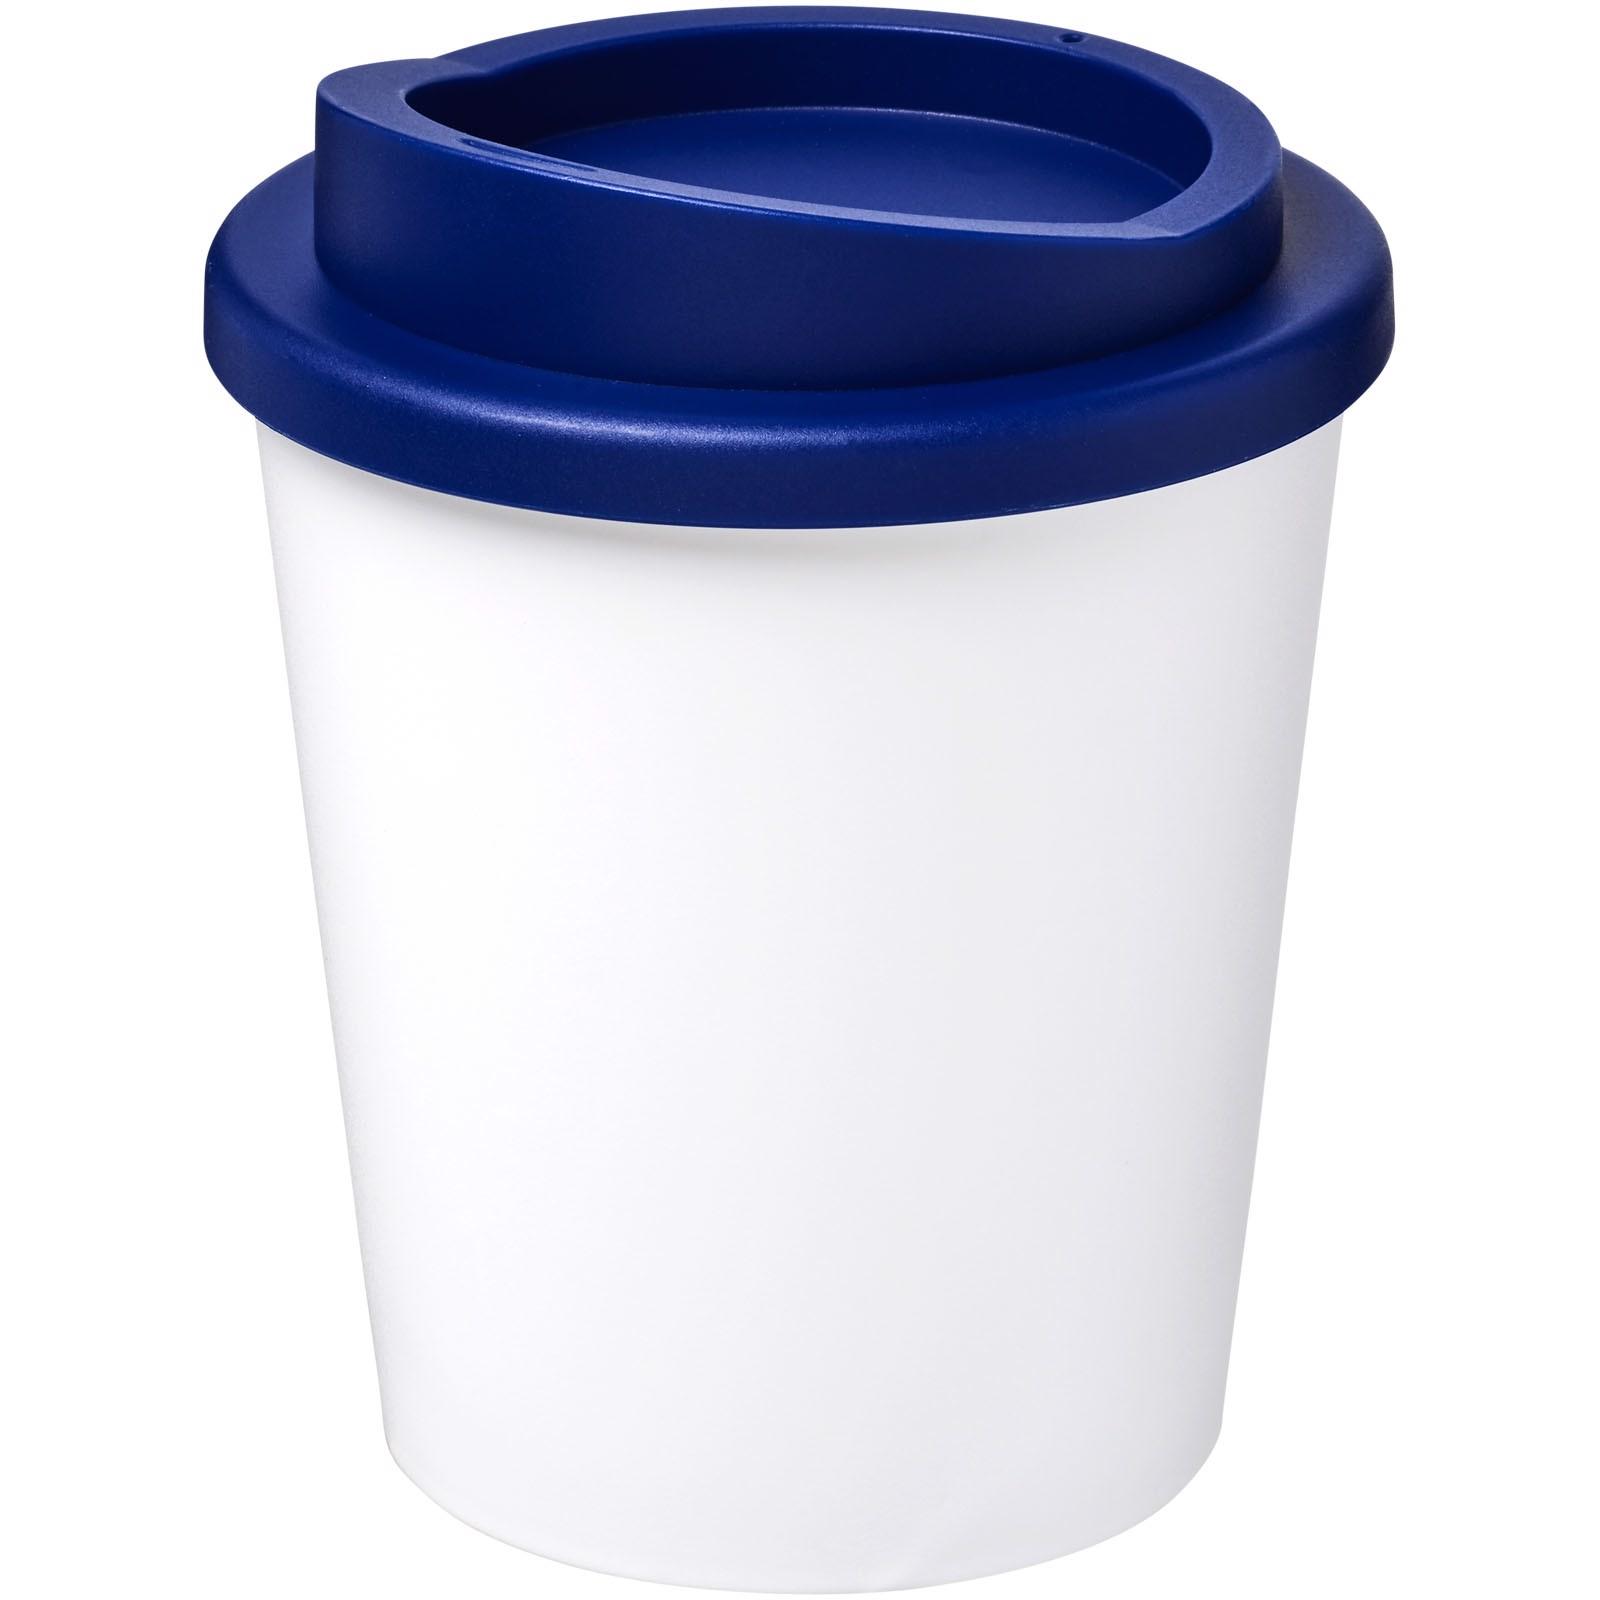 Americano® Vaso térmico Espresso de 250 ml - Blanco / Azul